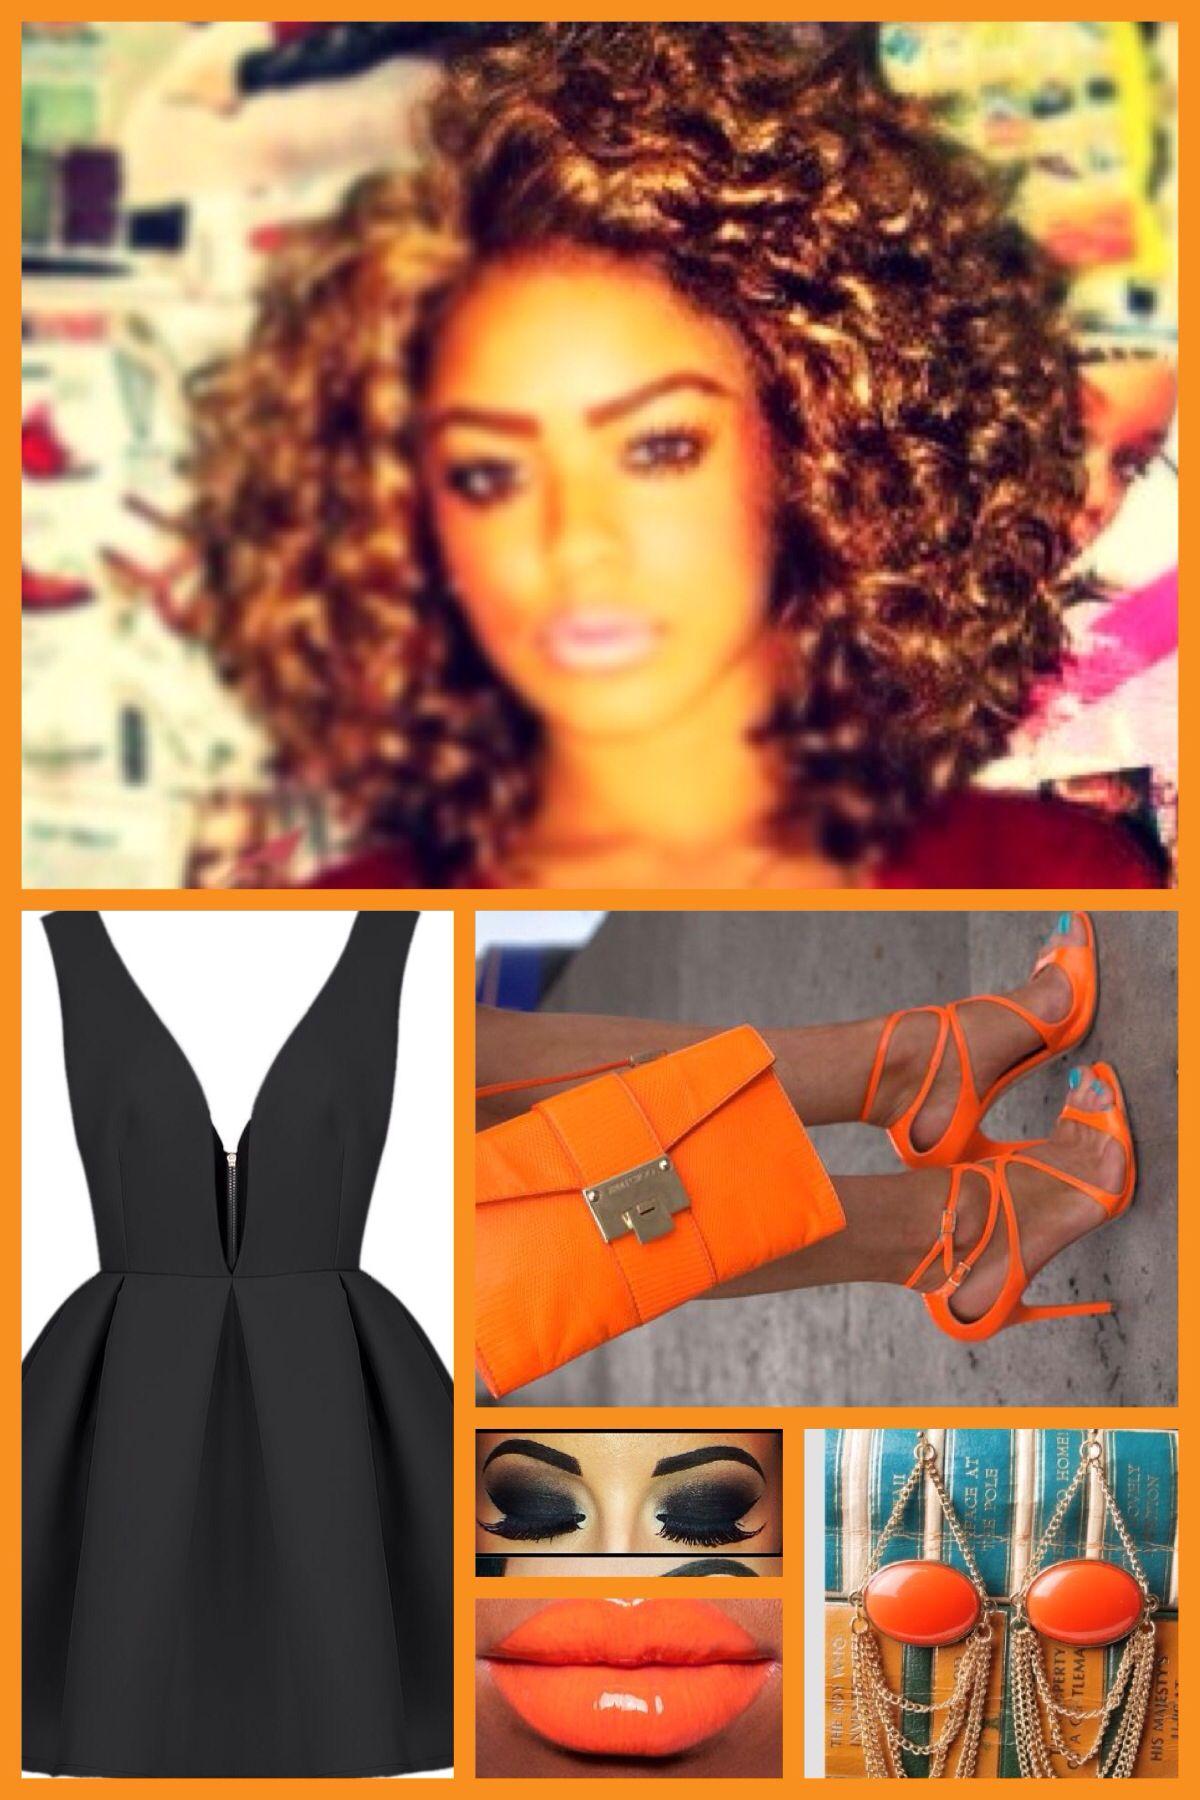 Great orange an black pop love it great for date night